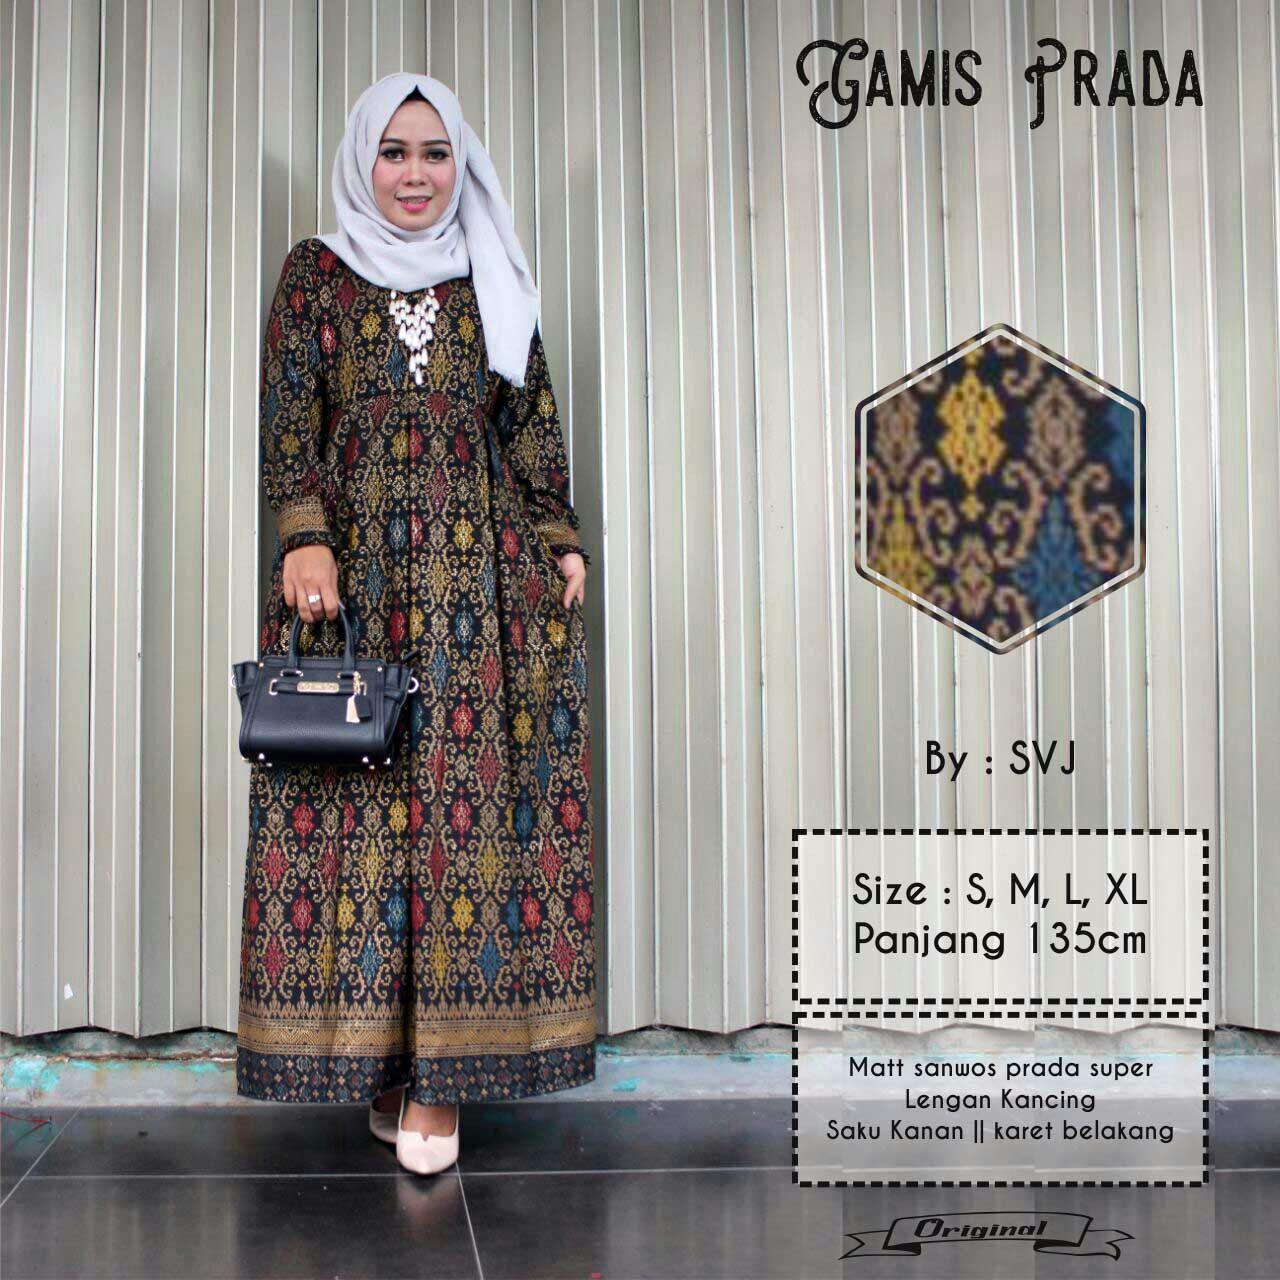 Baju Batik Gamis Modern Prada Yokyescom